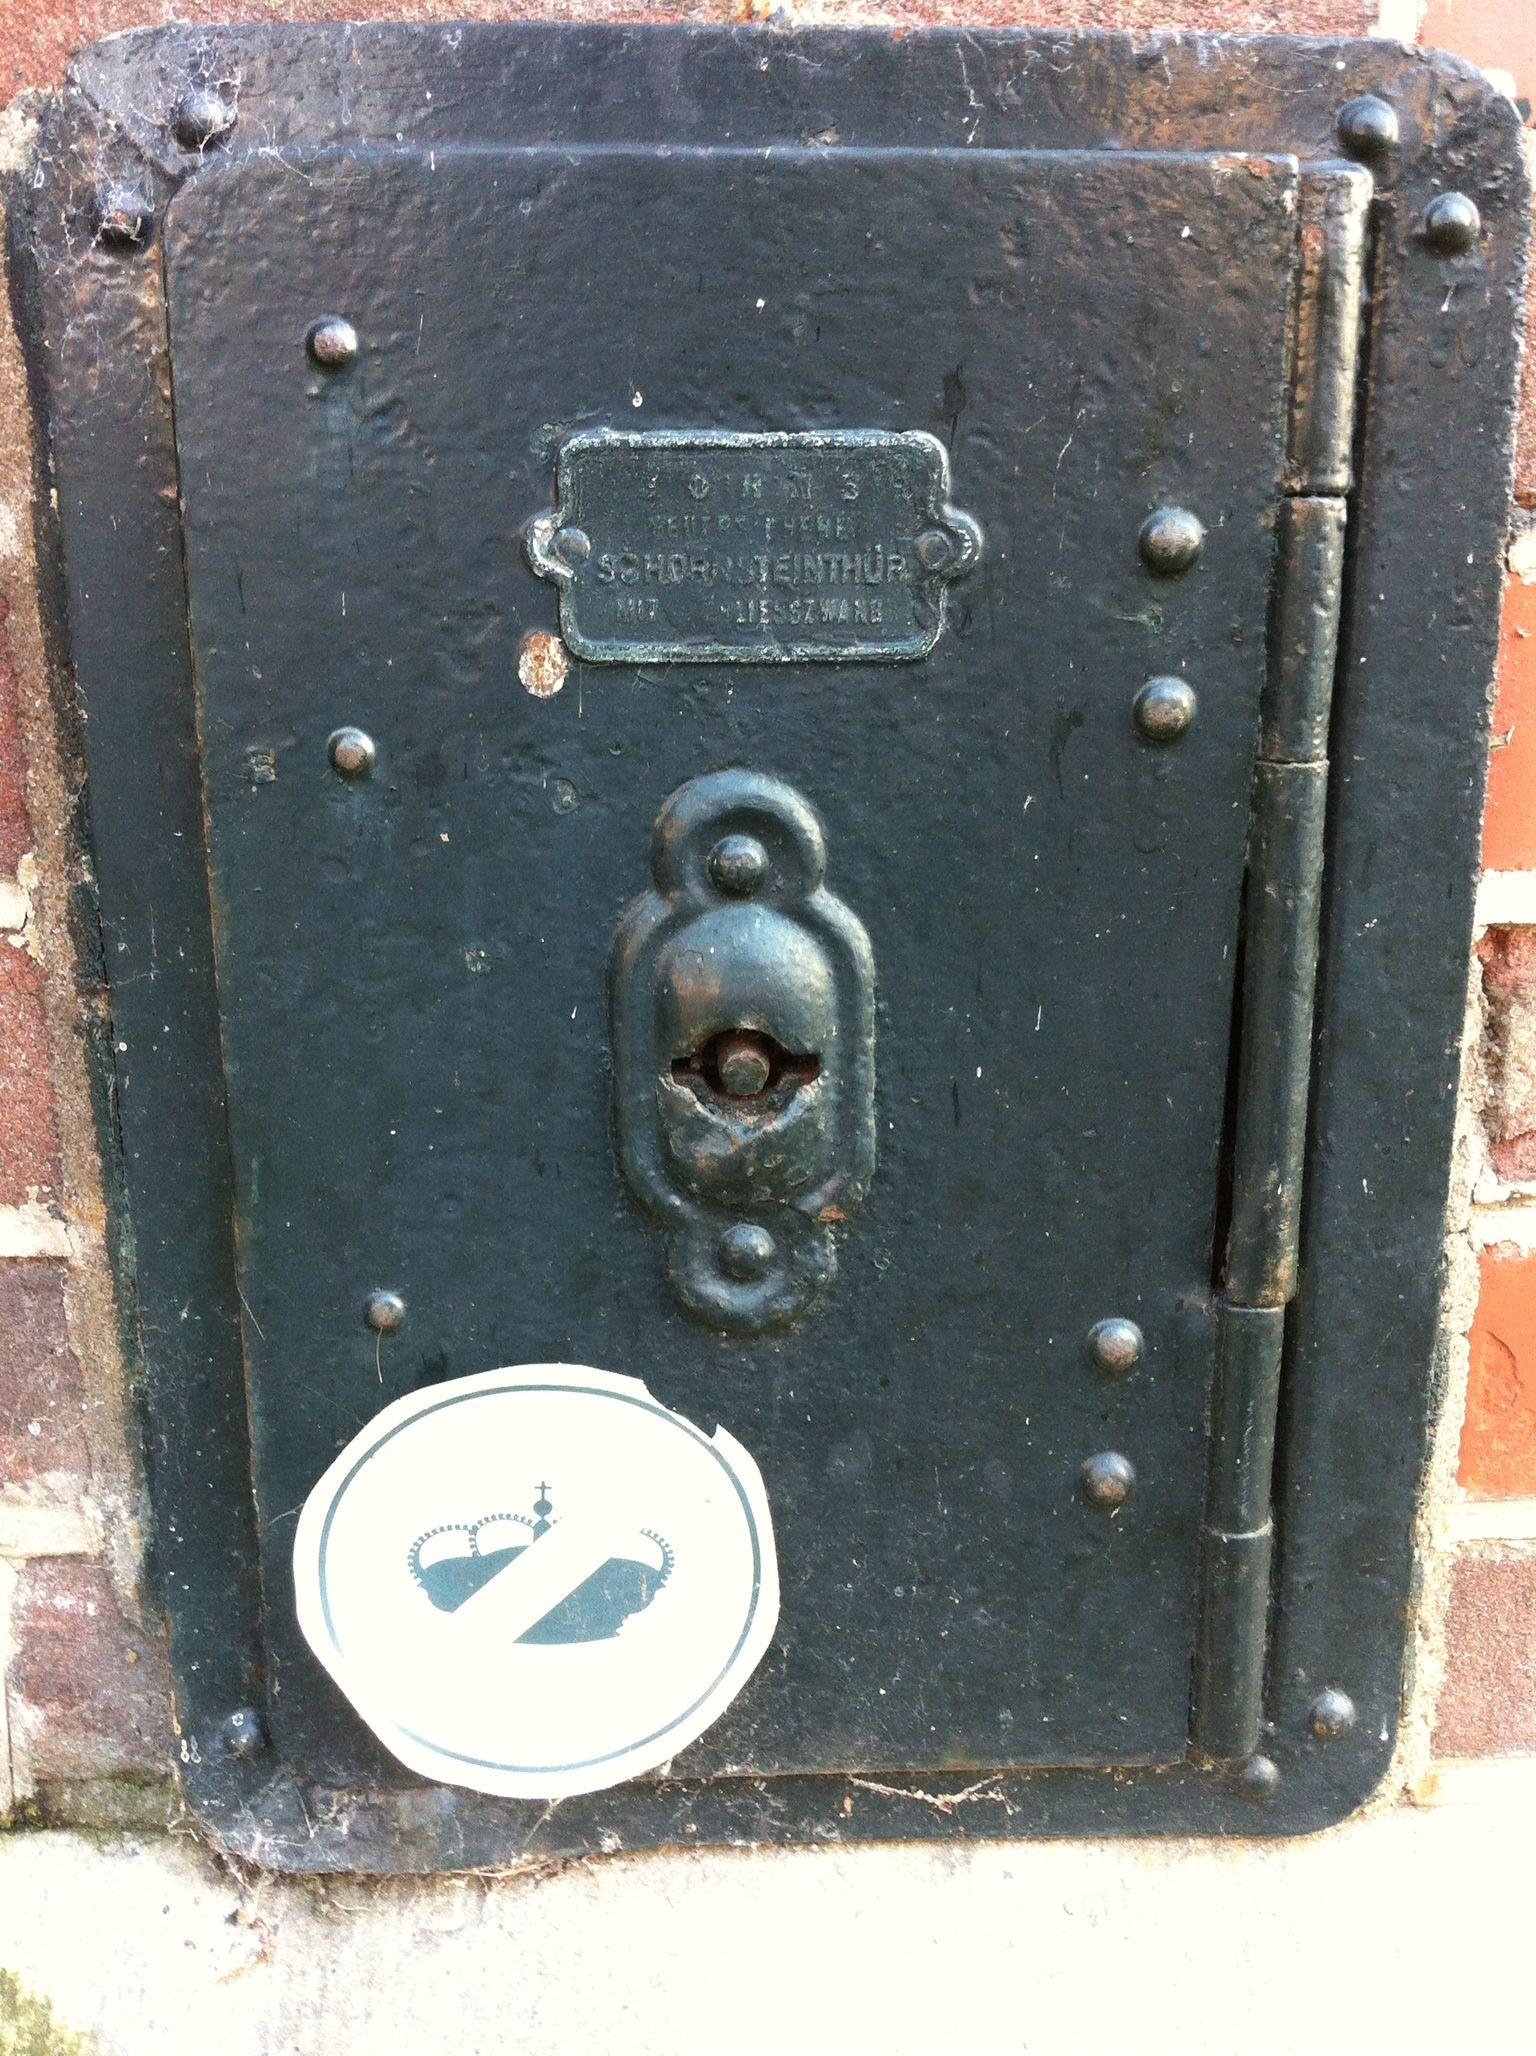 Dag10 Wat zou er zo belangrijk zijn, dat het in een gevel achter slot en grendel gehouden moet worden? foto 2